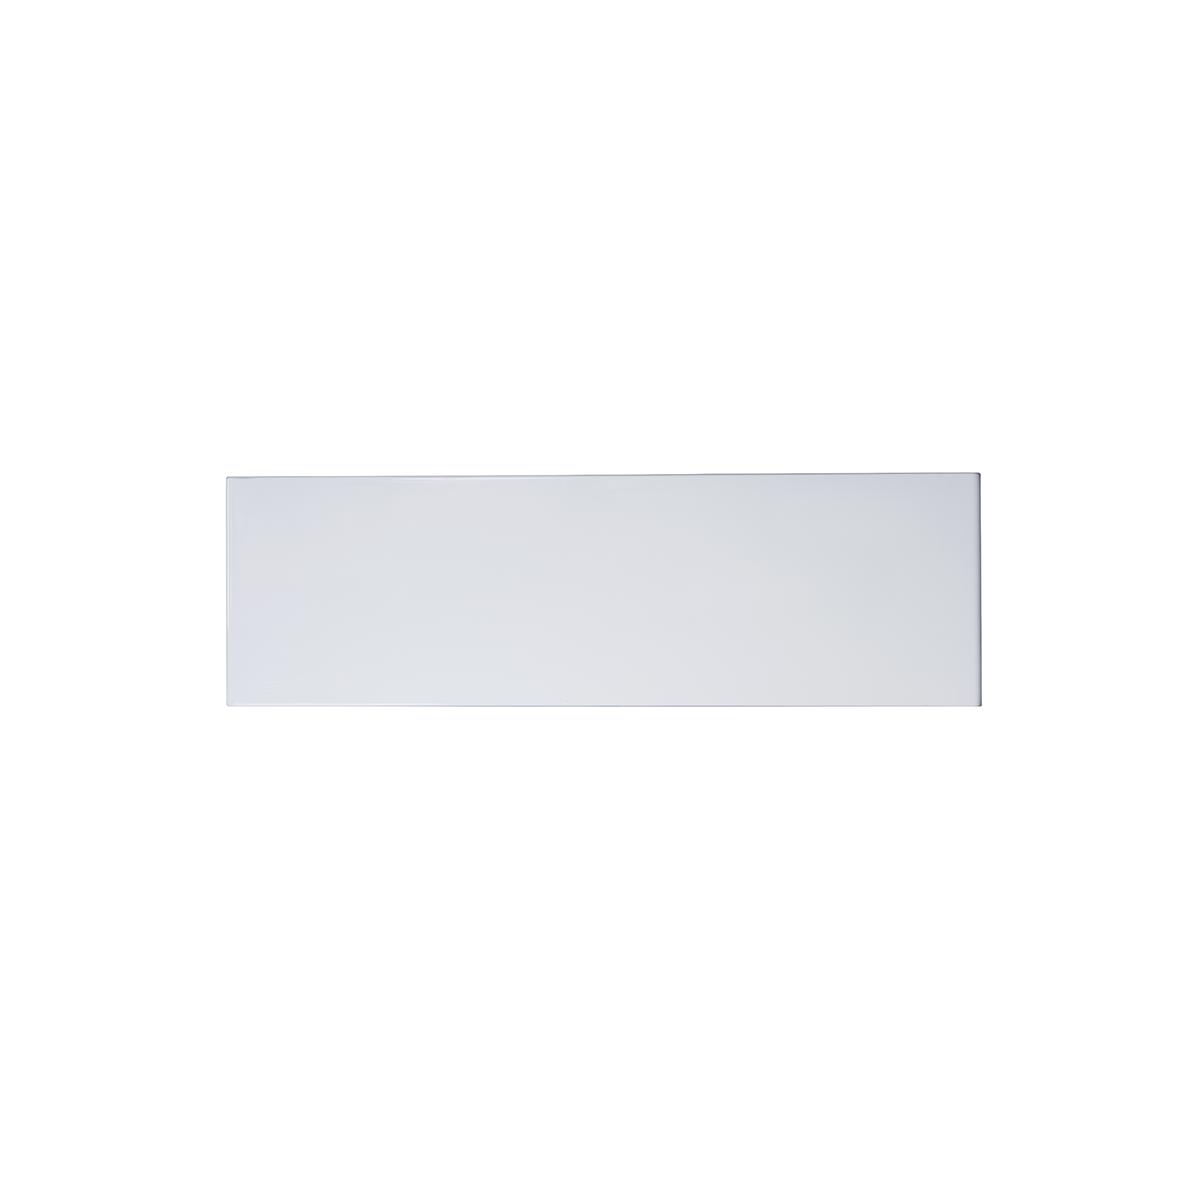 Панель фронтальная для акриловой ванны Roca Sureste 150х70 ZRU9302780 недорого